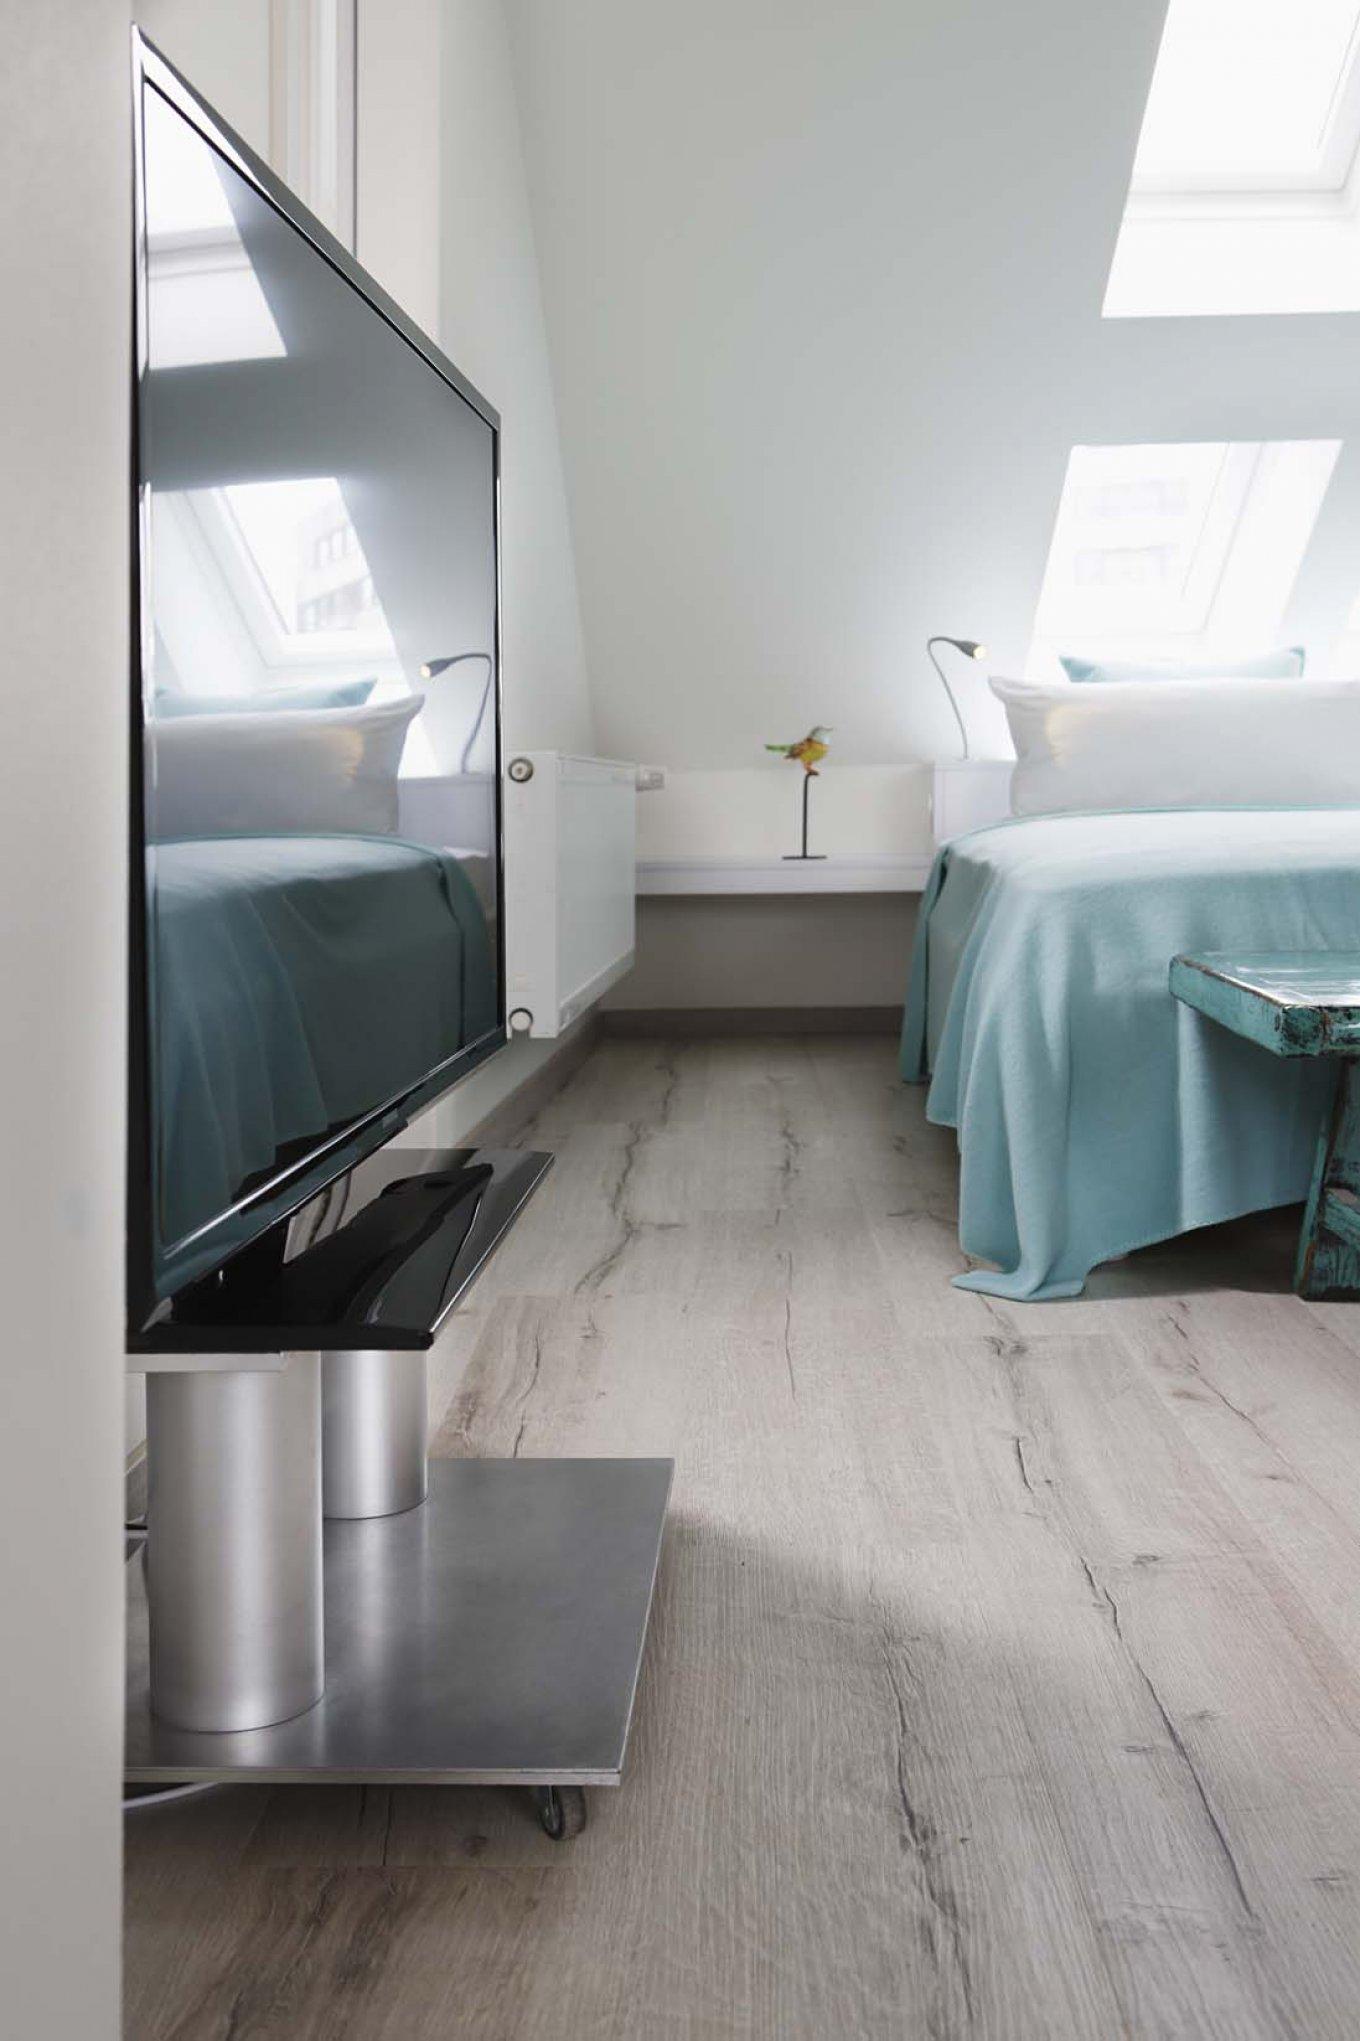 wineo Purline Bioboden Holzoptik Planken Bett türkis Flachbildschirm Hotel